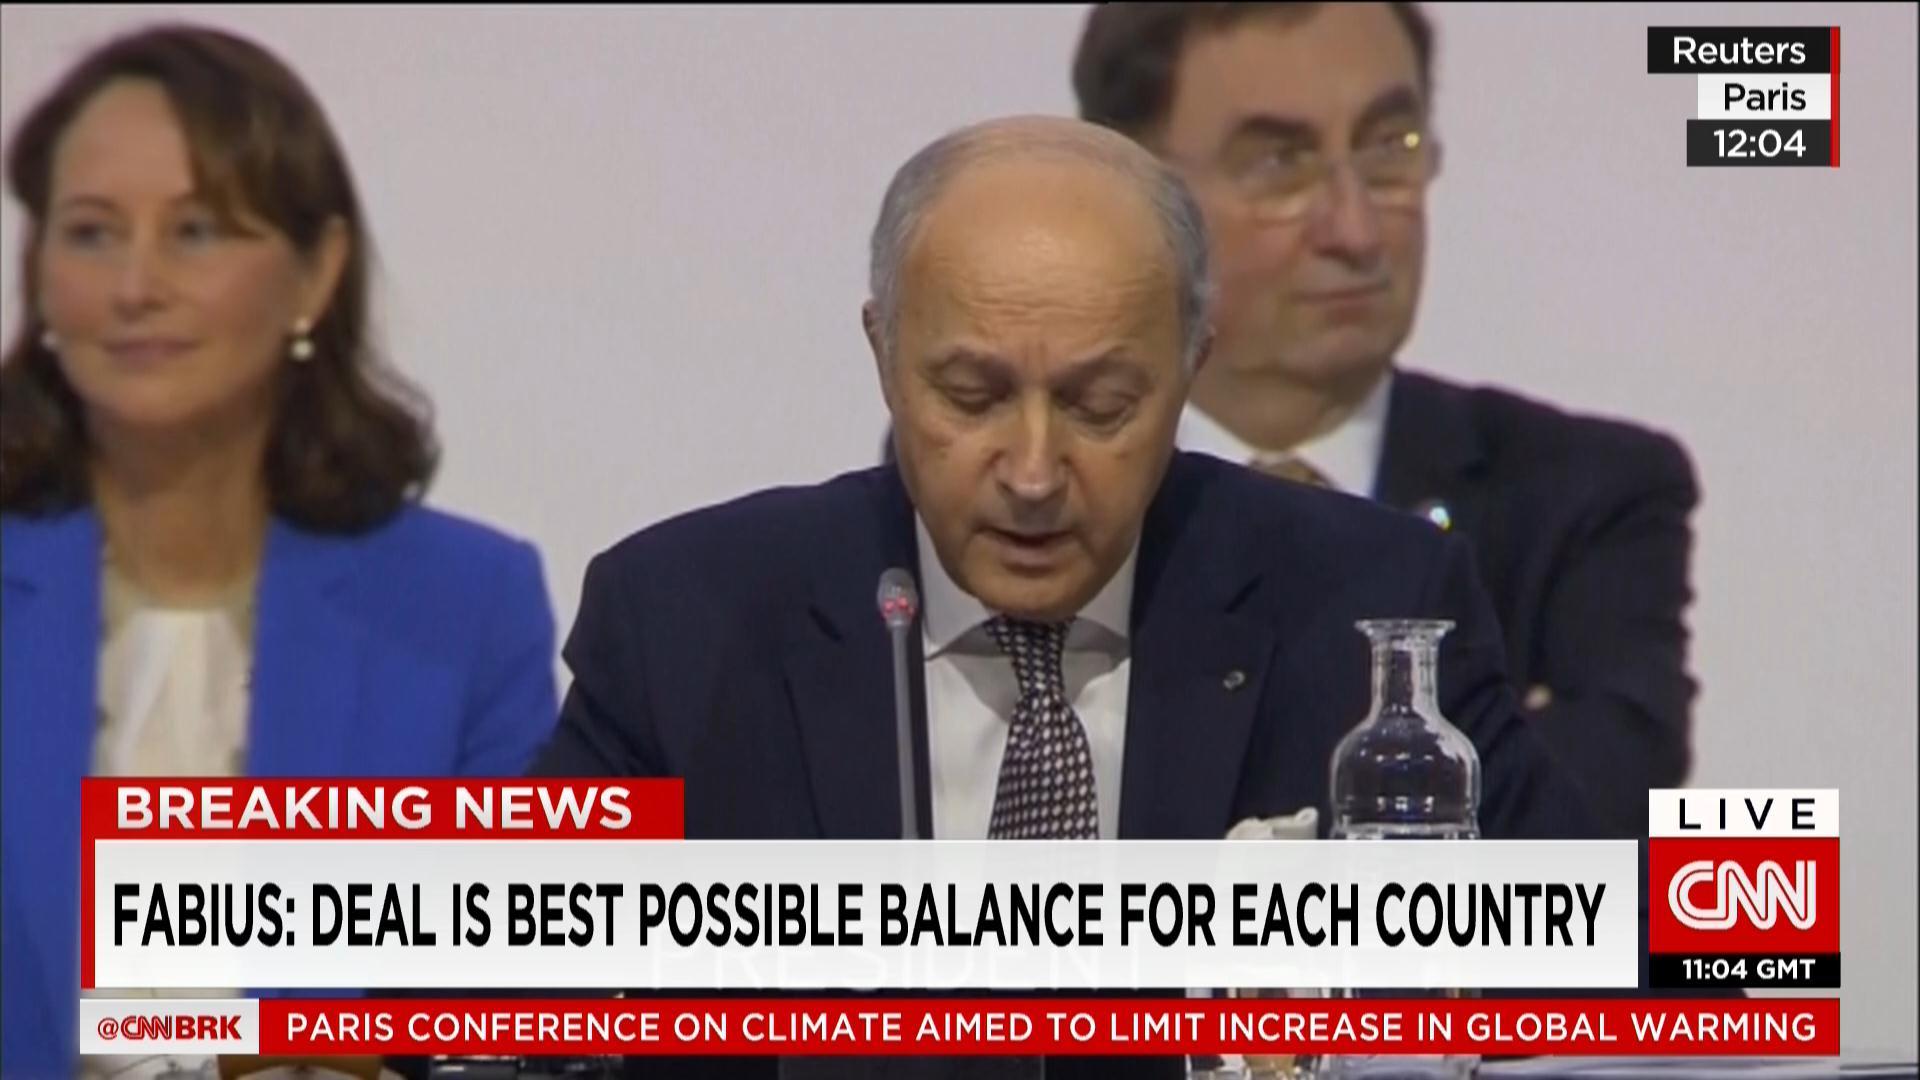 """قمة المناخ في باريس.. إعلان اتفاق مقترح """"عادل ومنصف ومستدام ومتوازن وملزم قانونيا"""""""